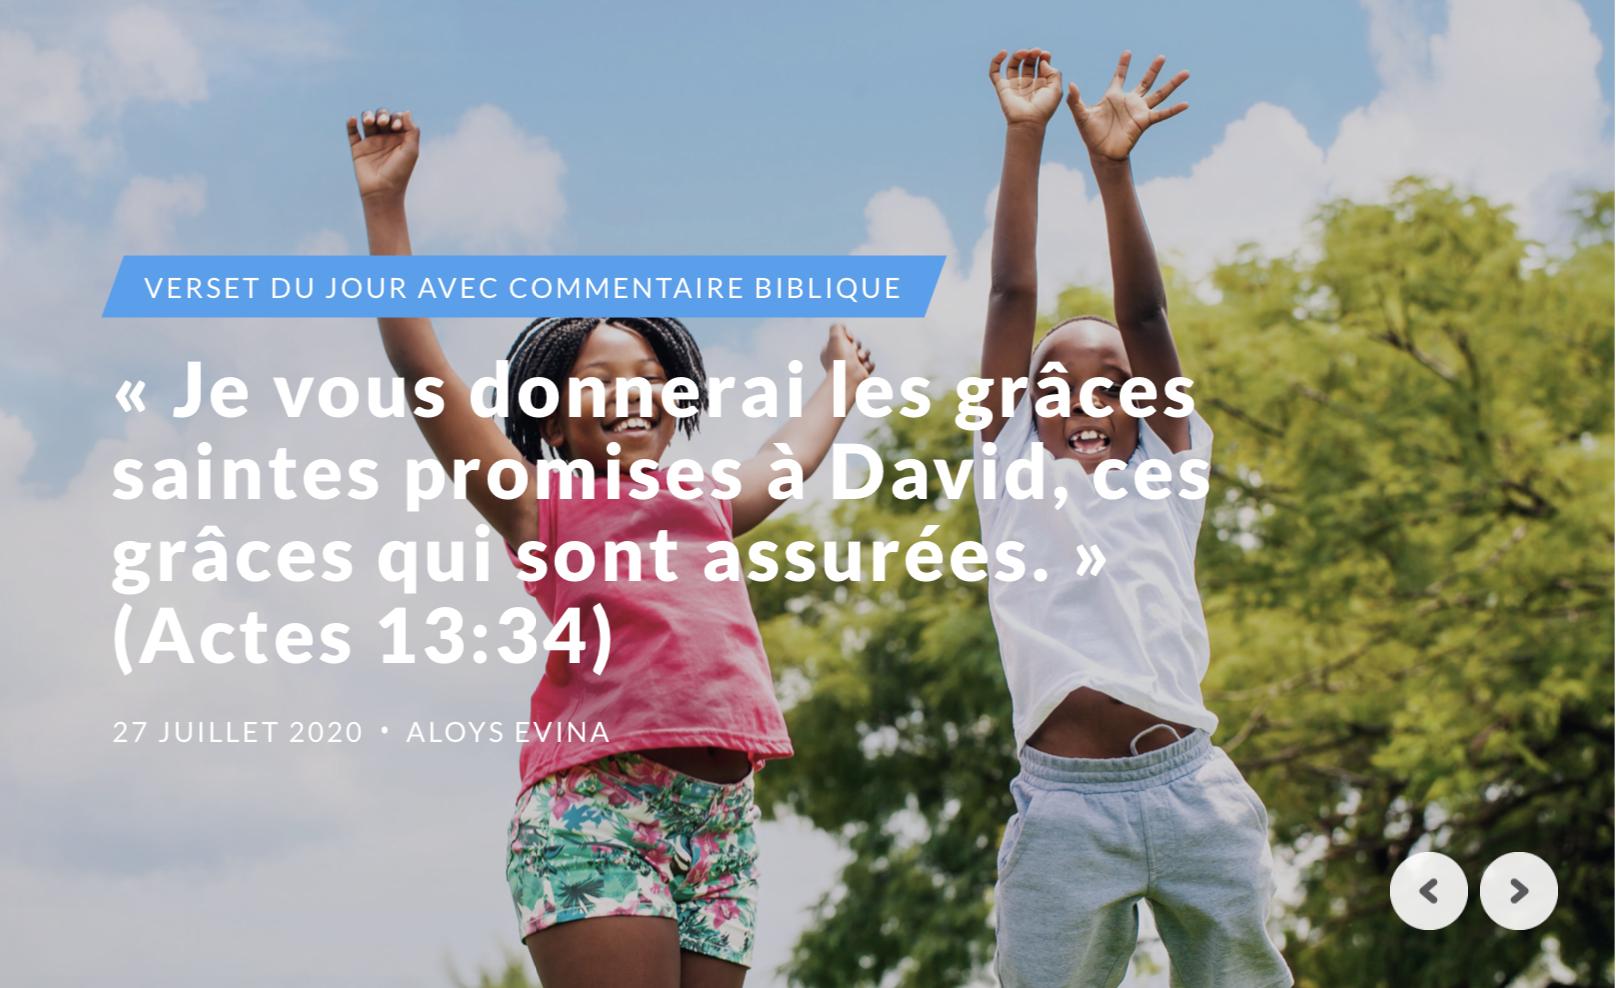 """""""Je vous donnerai les grâces saintes promises à David, ces grâces qui sont assurées."""" (Actes 13:34)"""